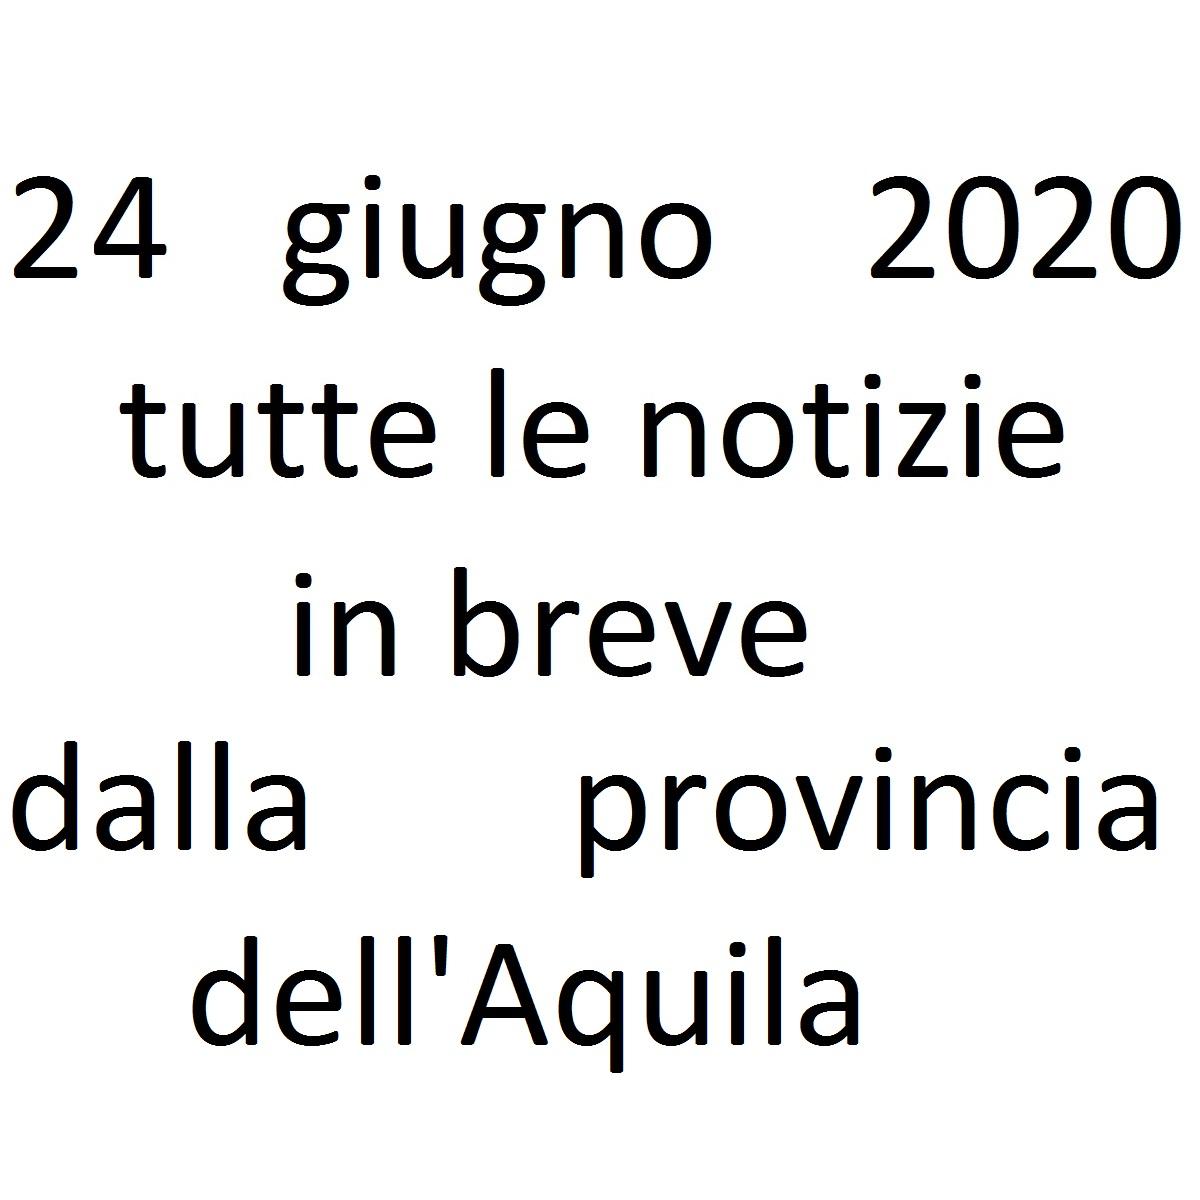 24 giugno 2020 notizie in breve dalla Provincia dell'Aquila foto